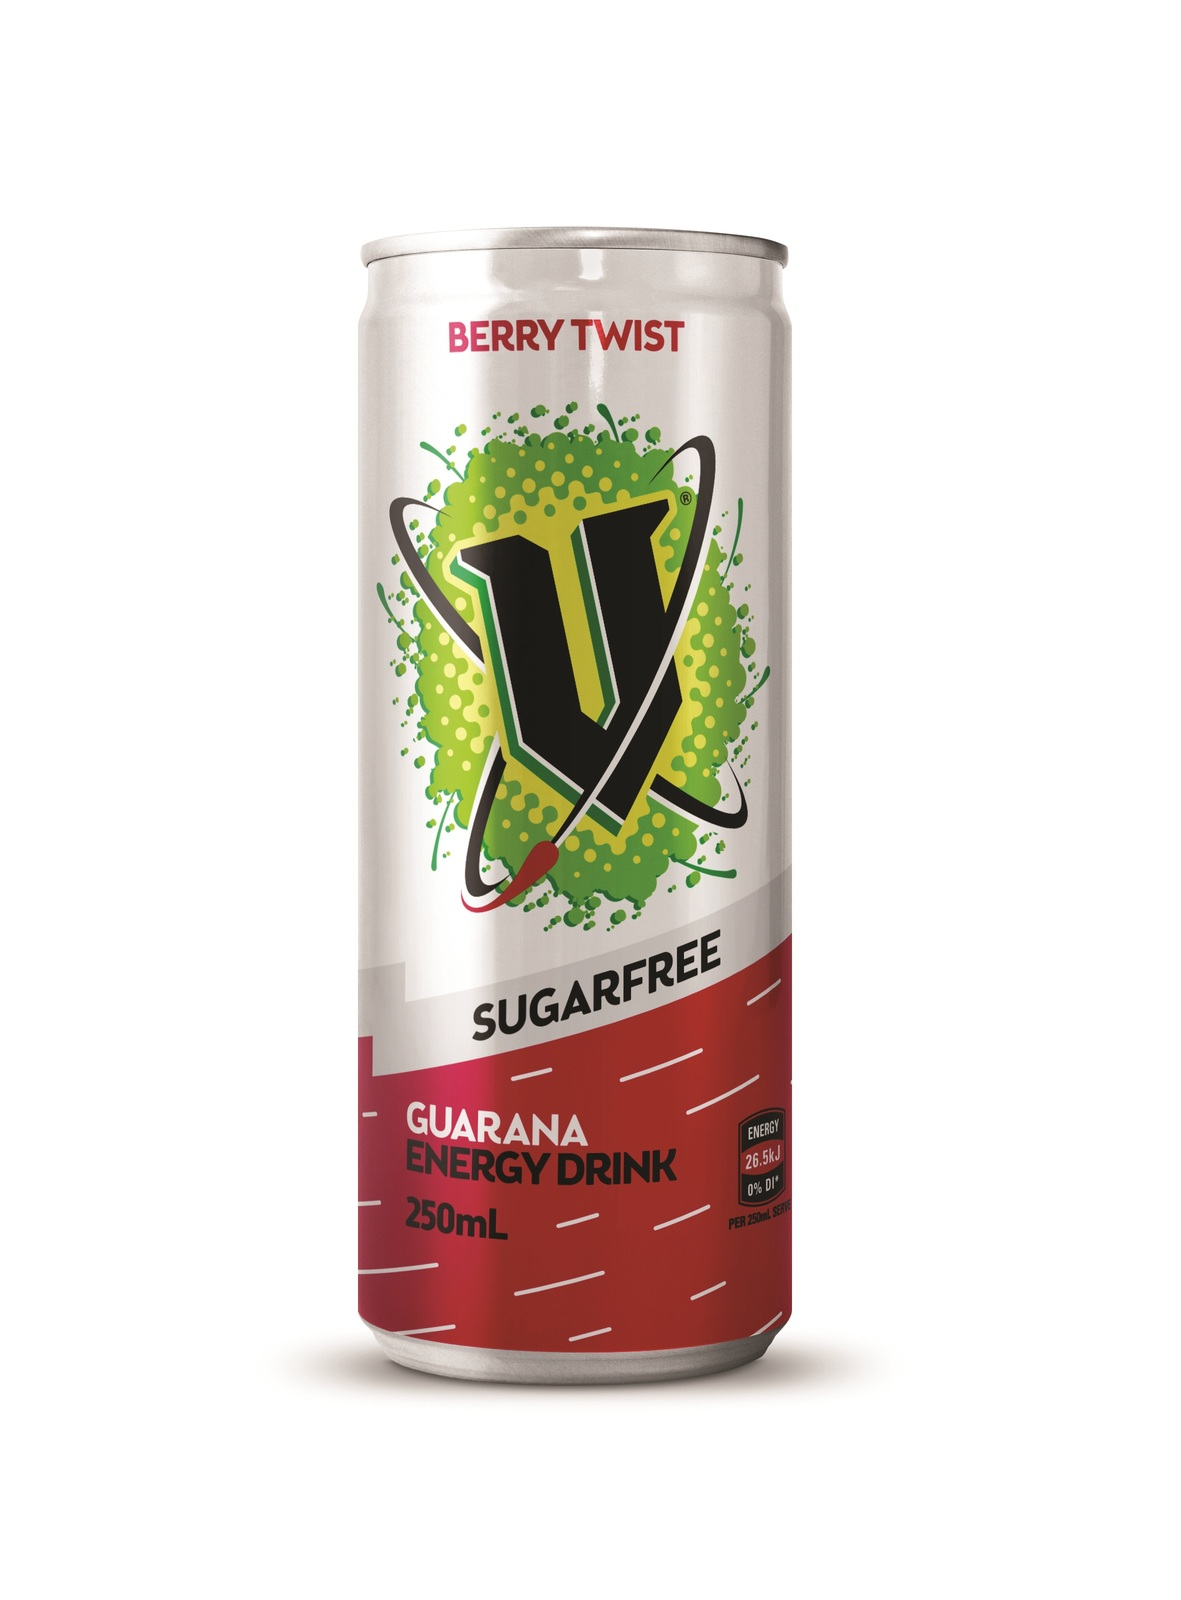 V Sugar Free - Berry Twist (24 x 250ml) image